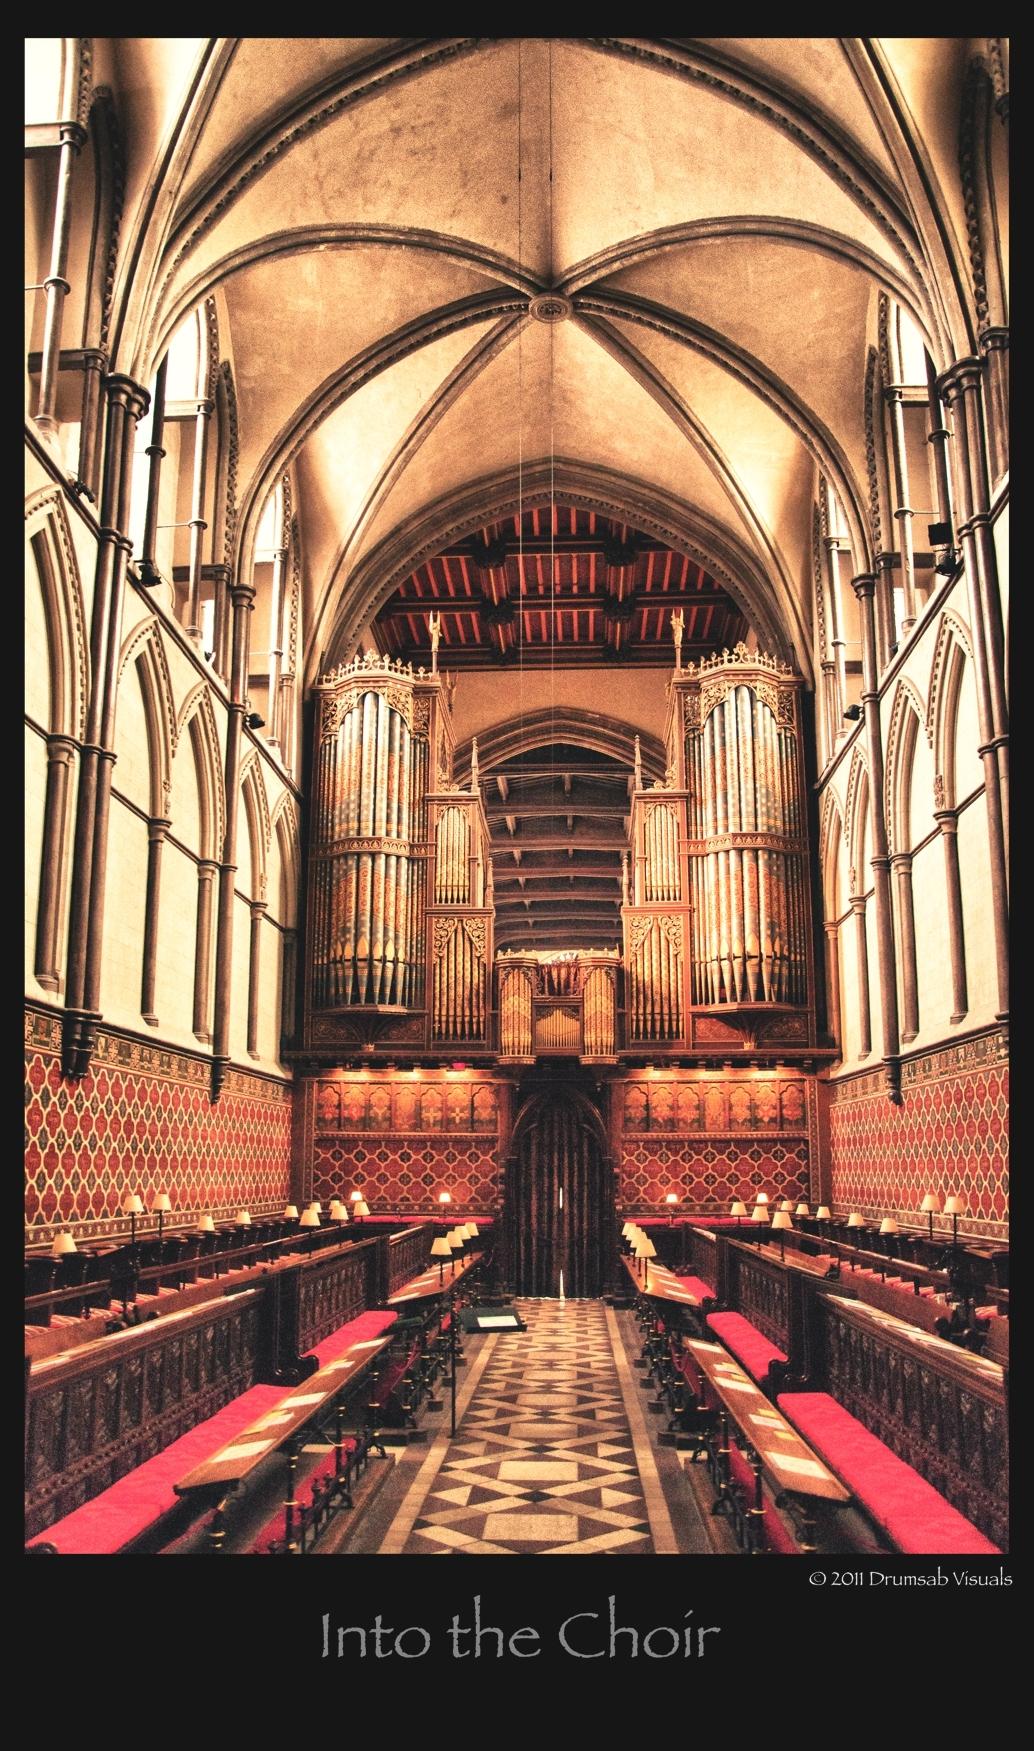 Into the Choir - HDR Rochester Cathedral Engeland - foto door drumsab op 27-08-2011 - deze foto bevat: kathedraal, koor, engeland, cathedral, choir, rochester, verenigd koninkrijk